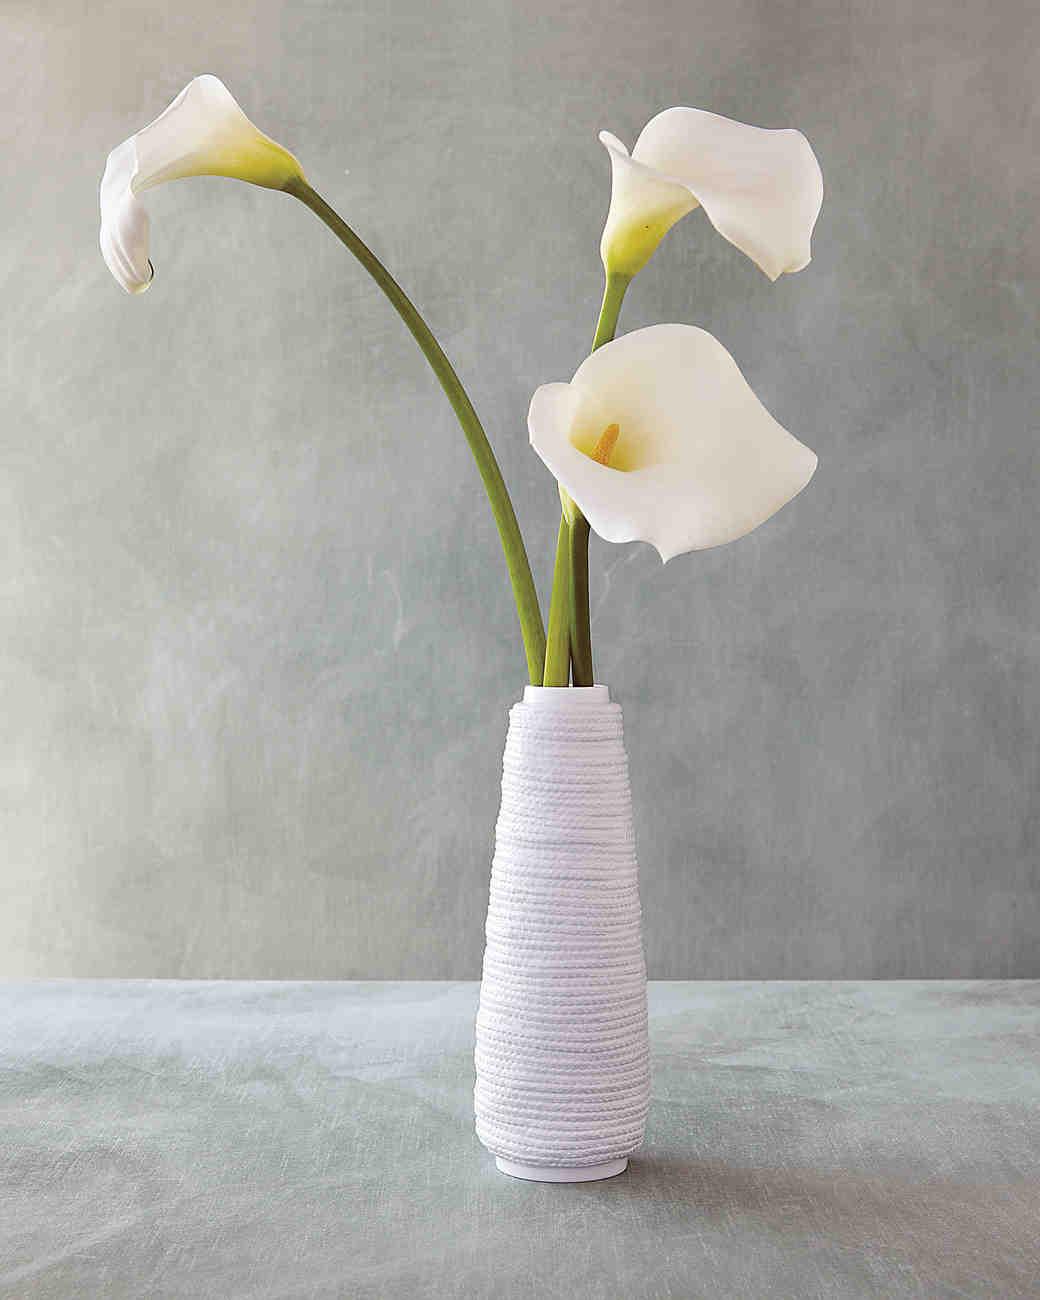 vase-0811mwd107434.jpg